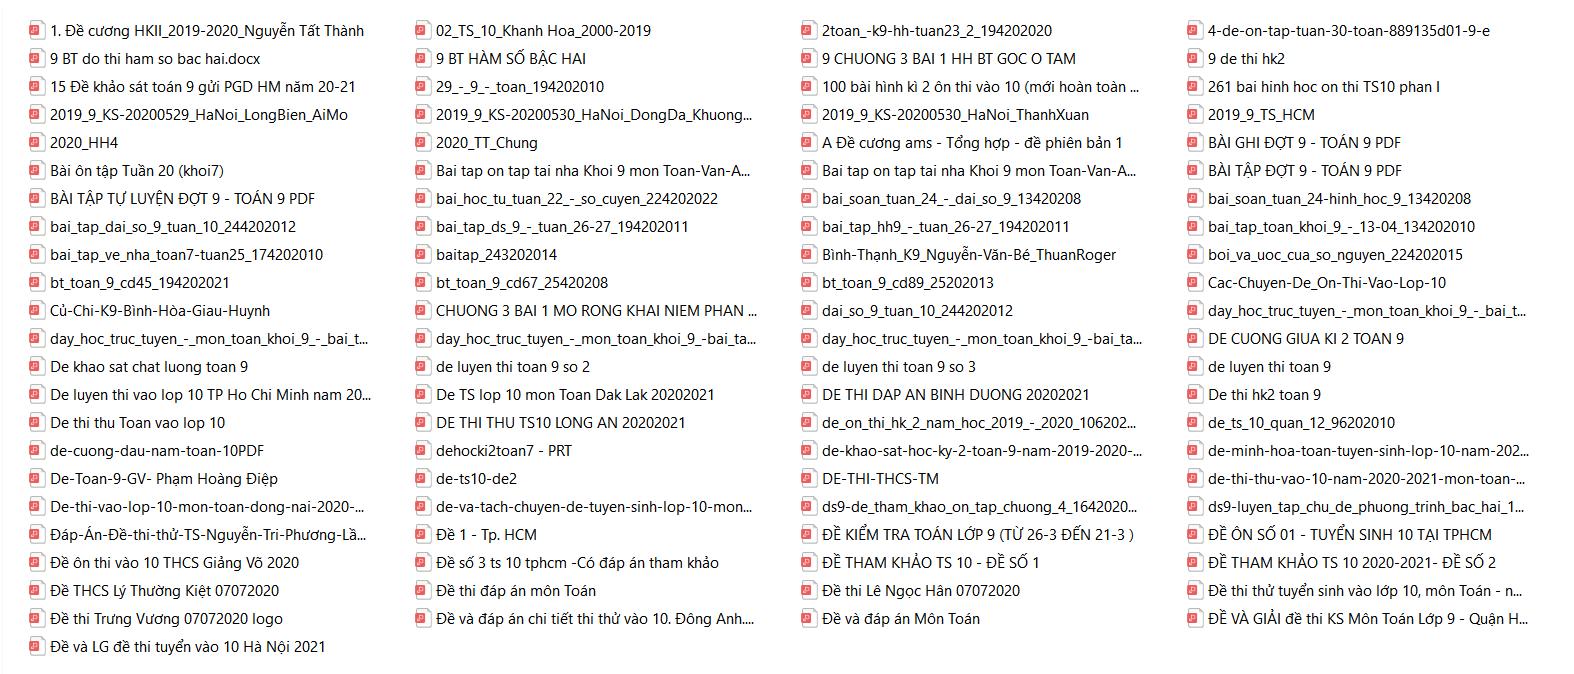 Tổng hợp bộ tài liệu Toán 9 được sưu tầm